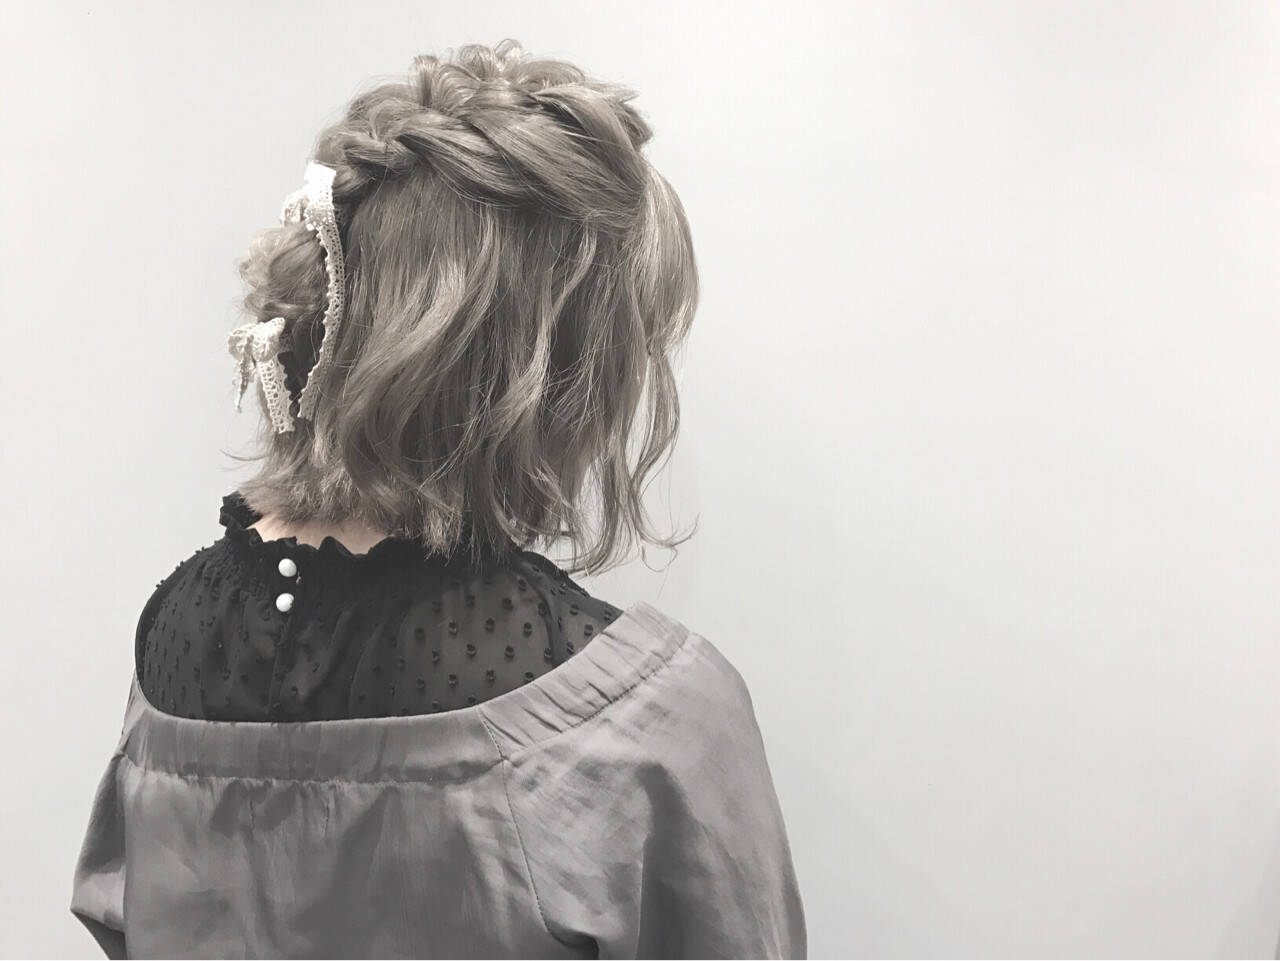 ヘアアレンジ アッシュグレー ハイトーン グレーヘアスタイルや髪型の写真・画像